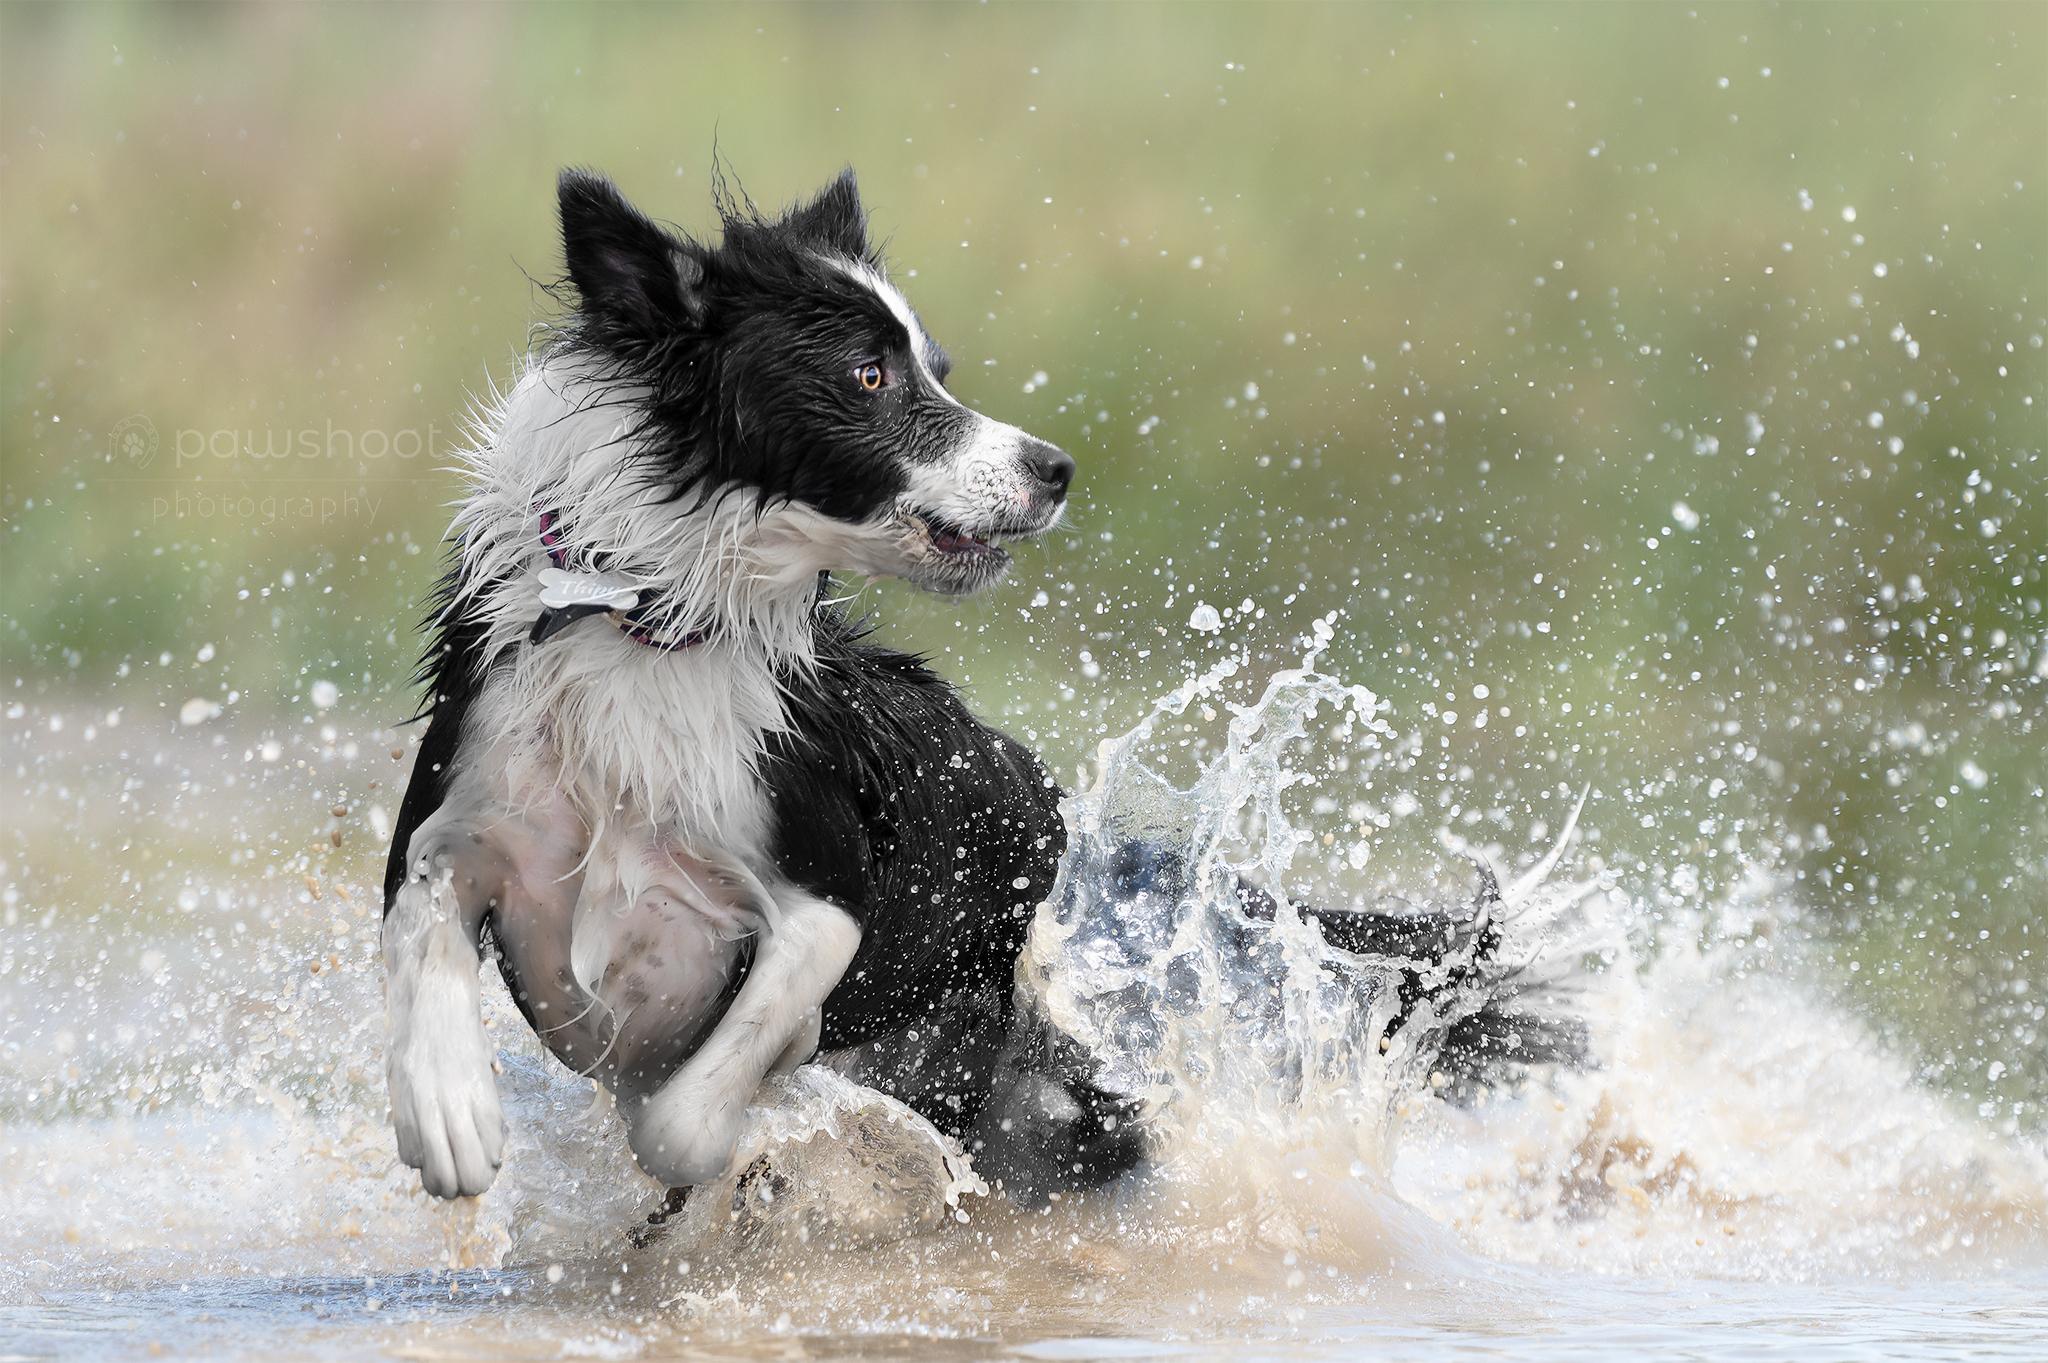 blije hond in actie Pawshoot hondenfotografie